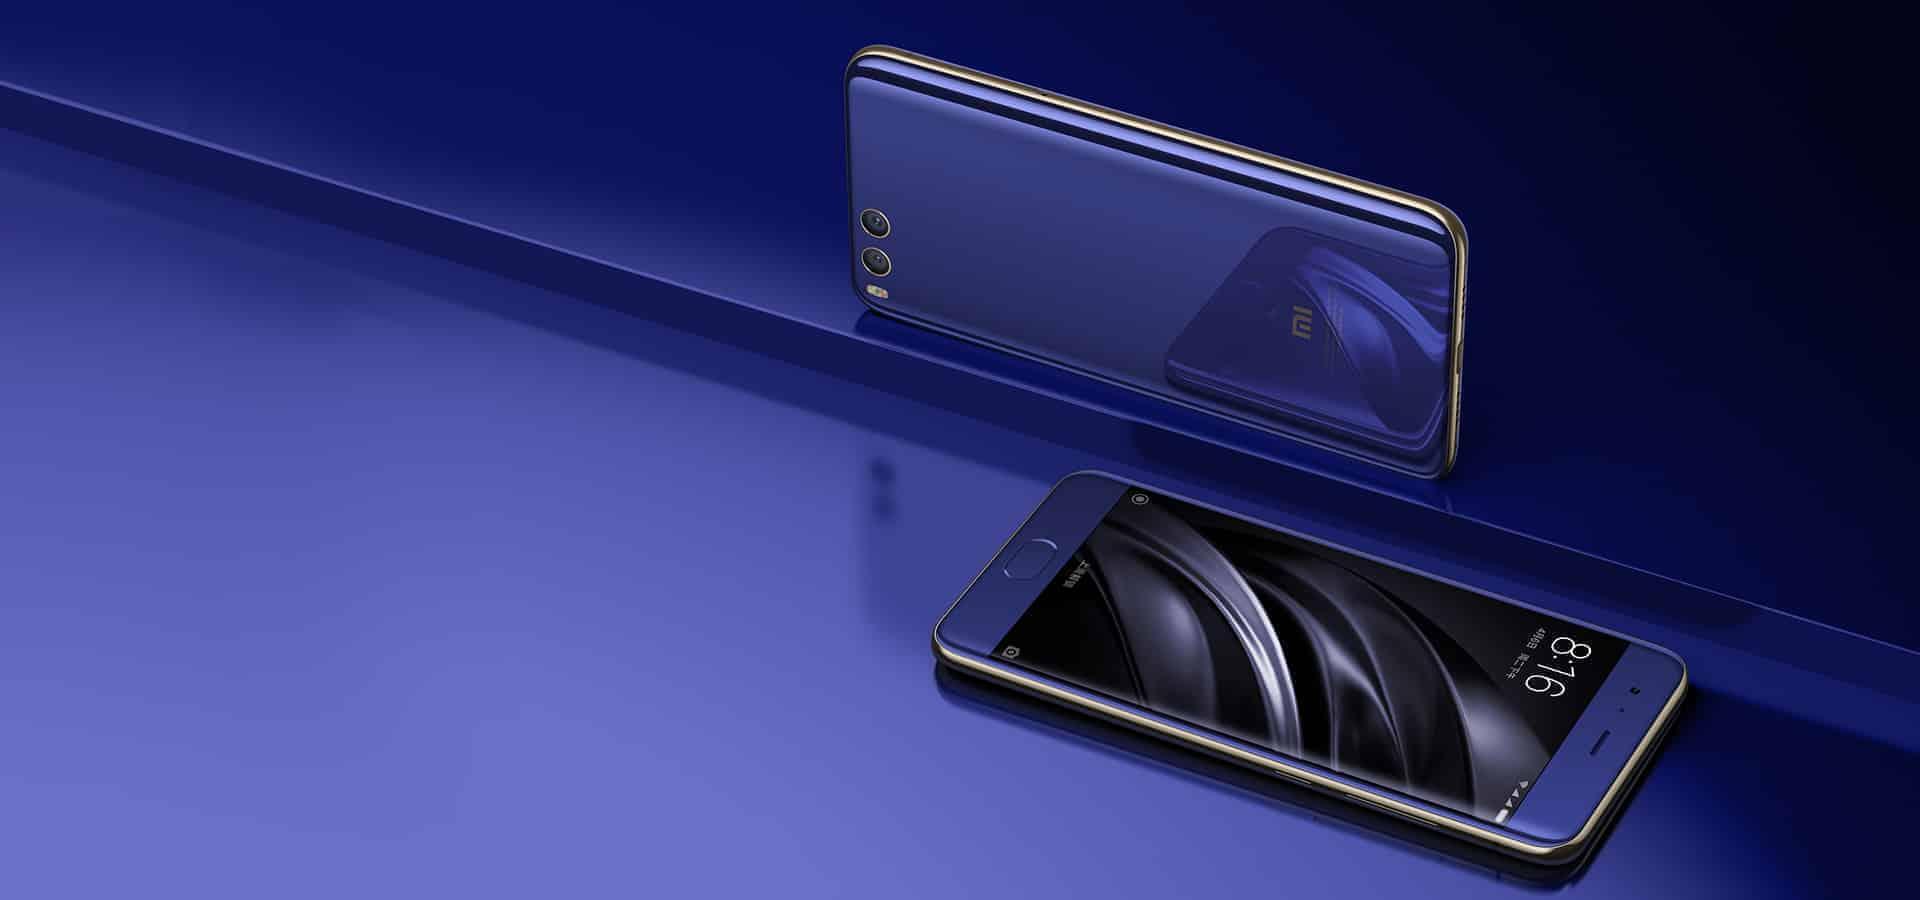 Xiaomi-Mi-6-imagen-oficial-(2)